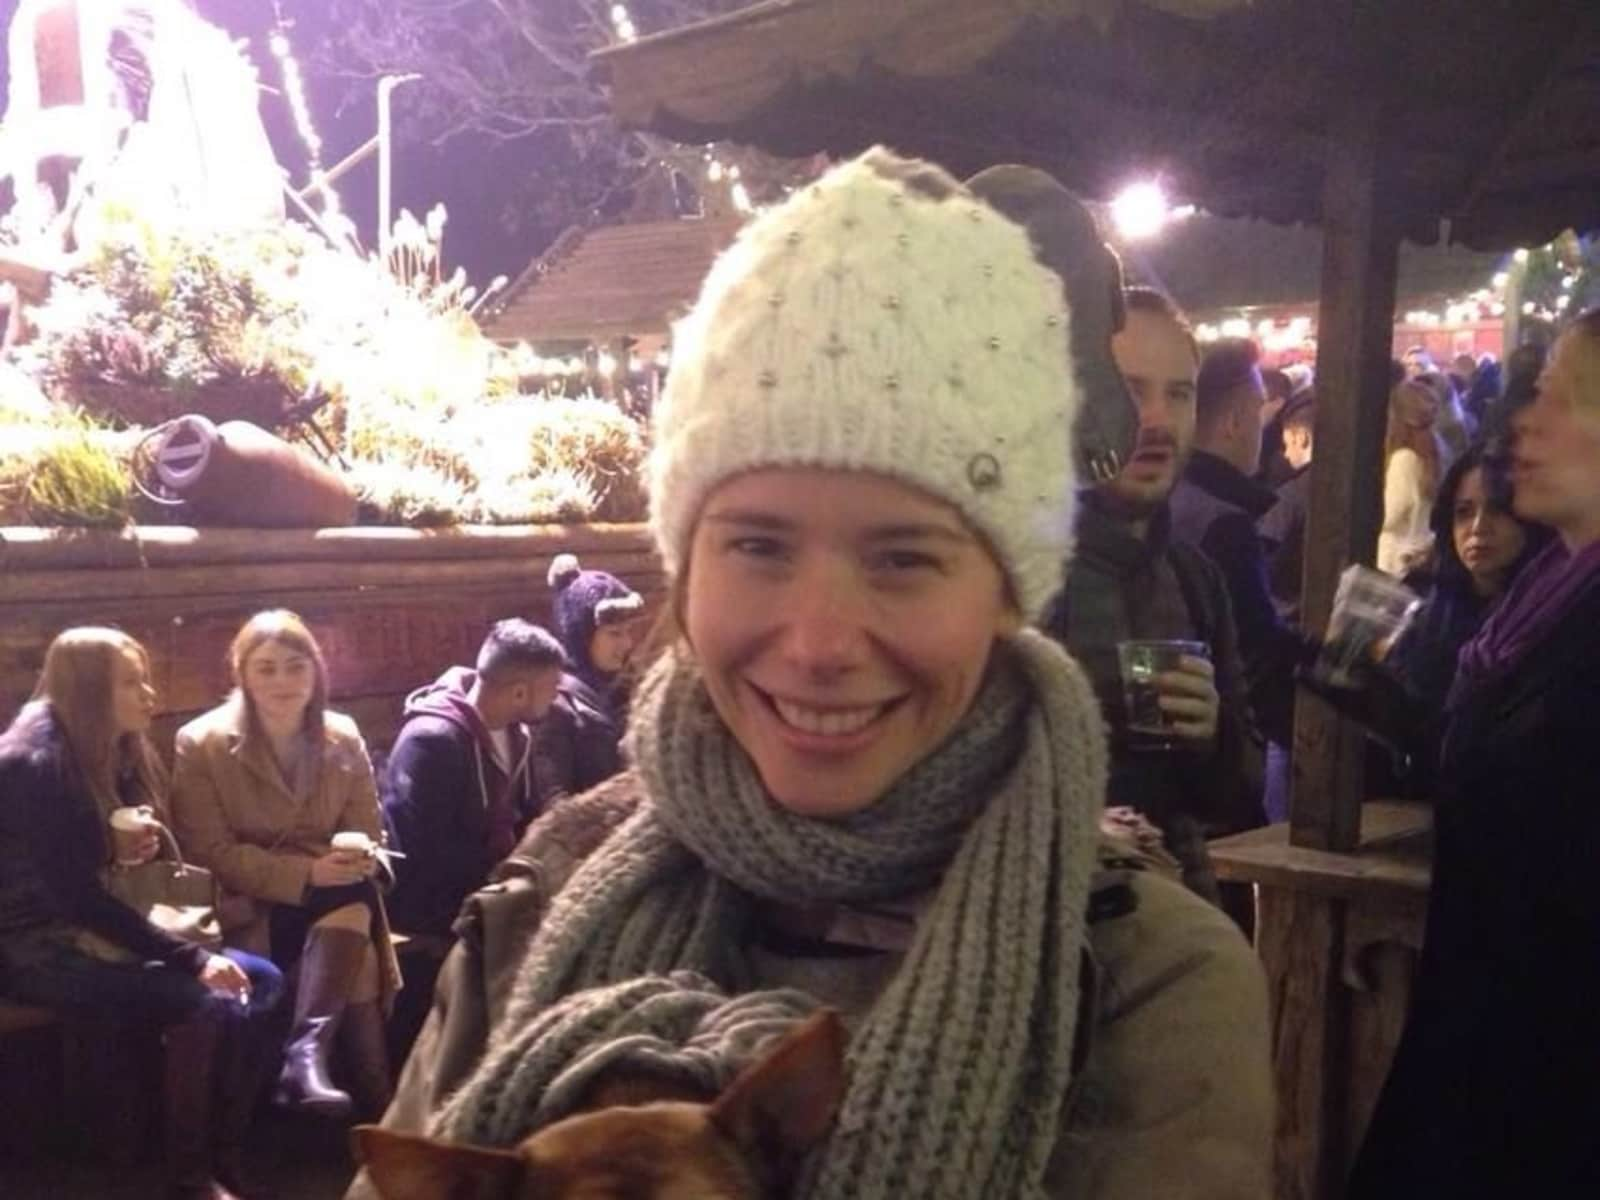 Marina from City of London, United Kingdom